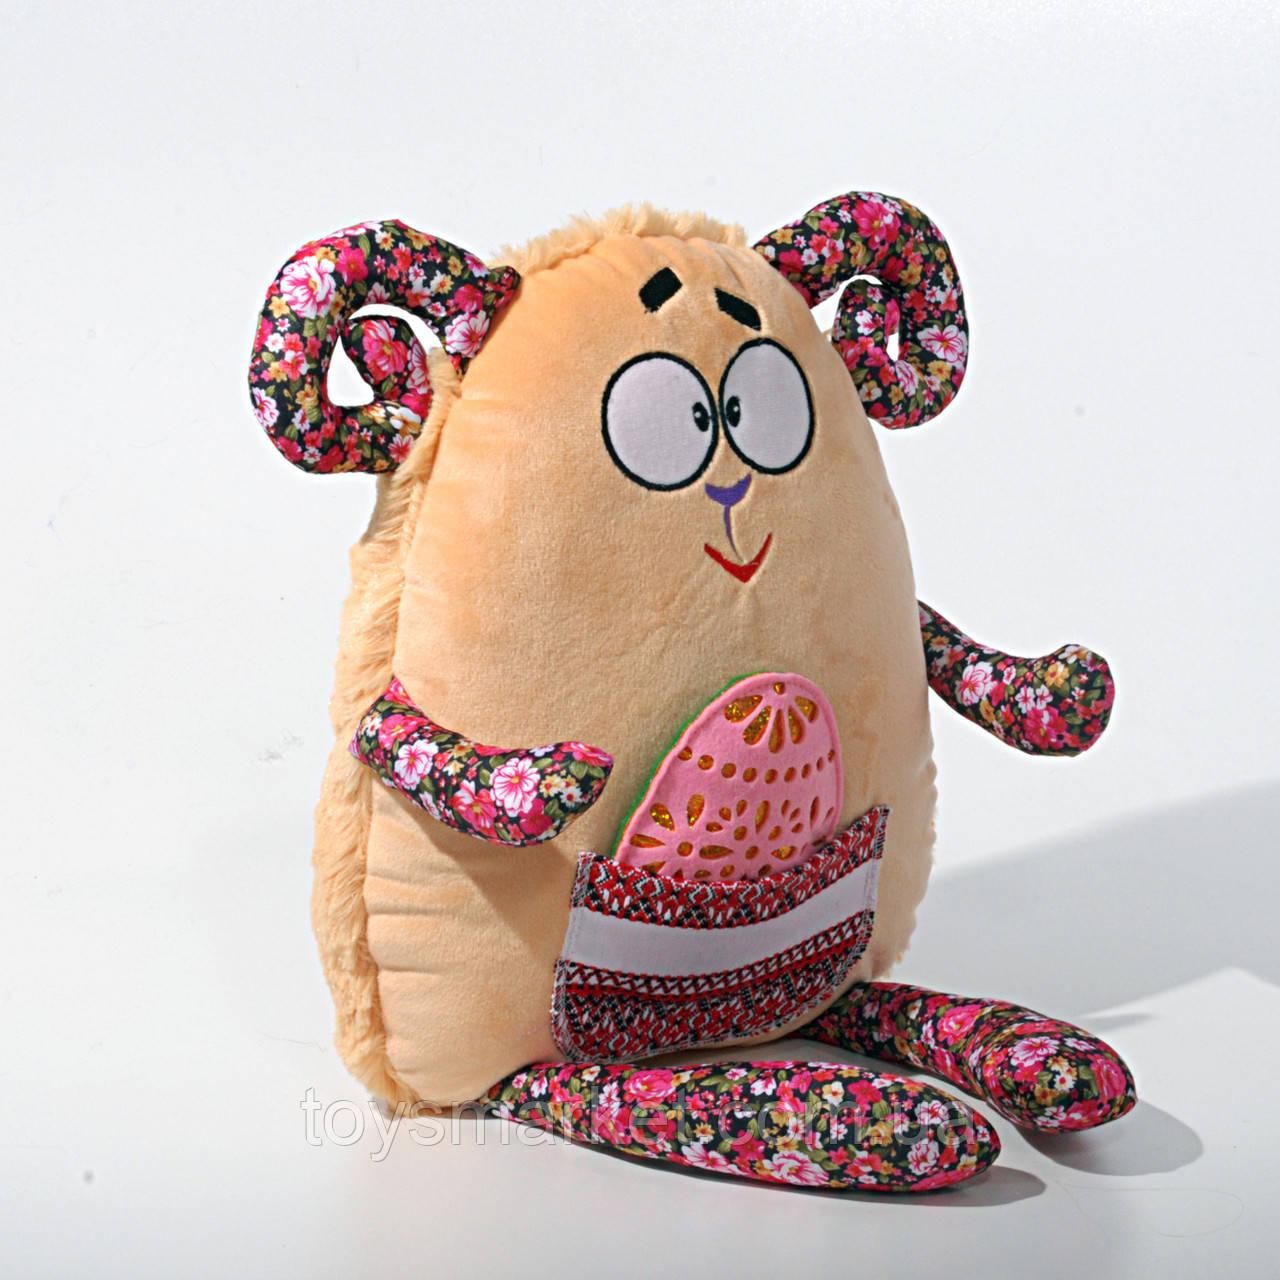 Детская мягкая игрушка, сувенир,Барашик пасхальный (писанка)